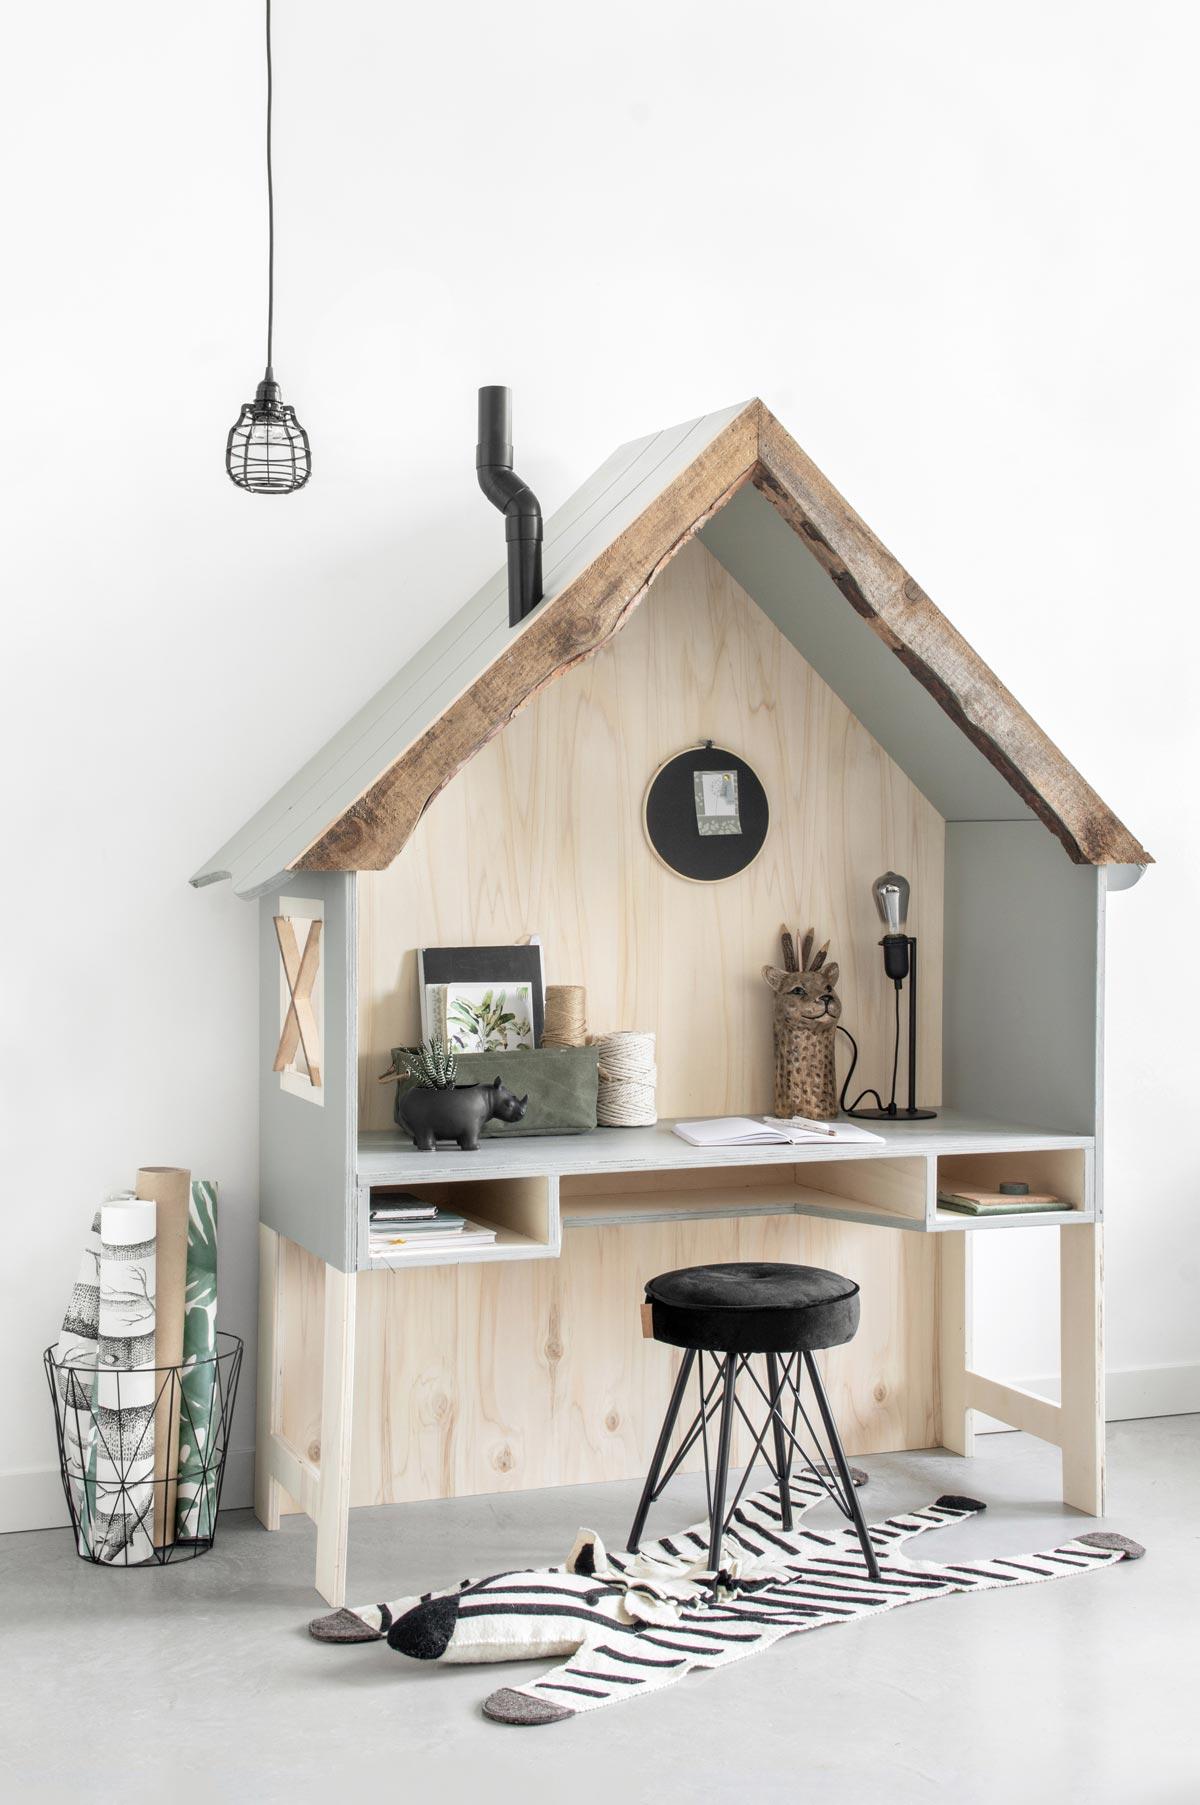 Boomhut bureau junglekamer - Tanja van Hoogdalem